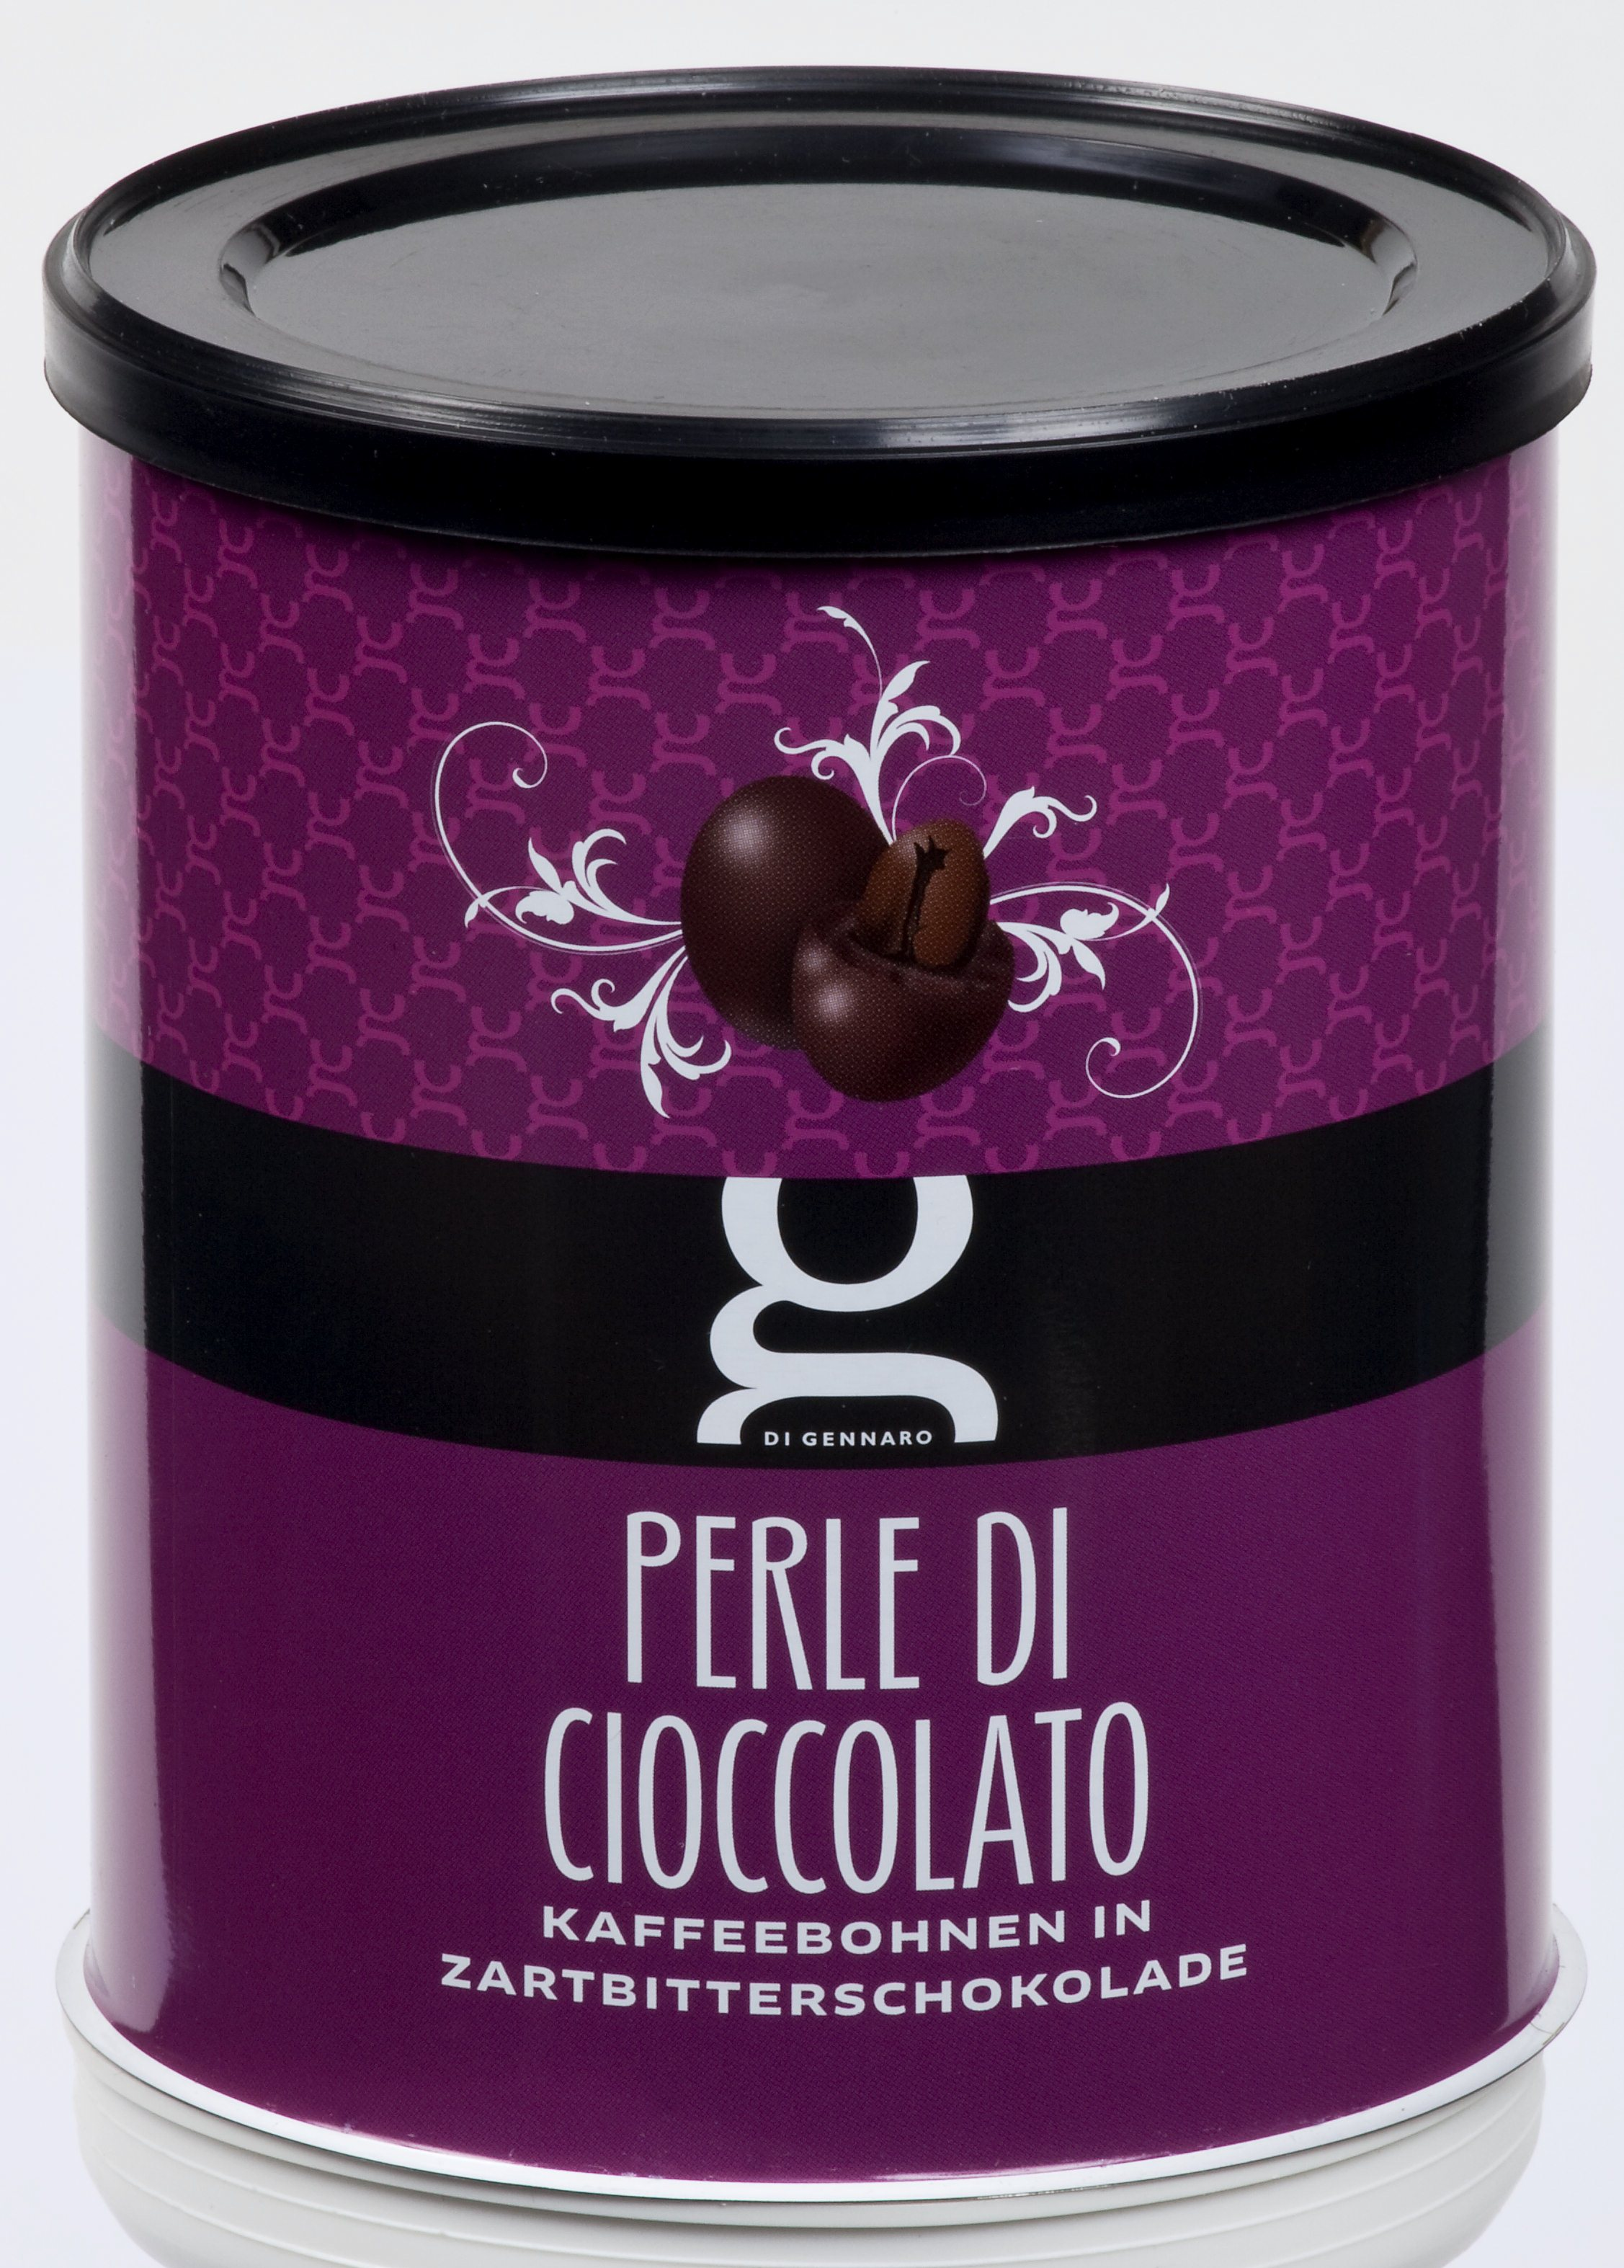 Perle di cioccolato, 200 g Dose DIGE